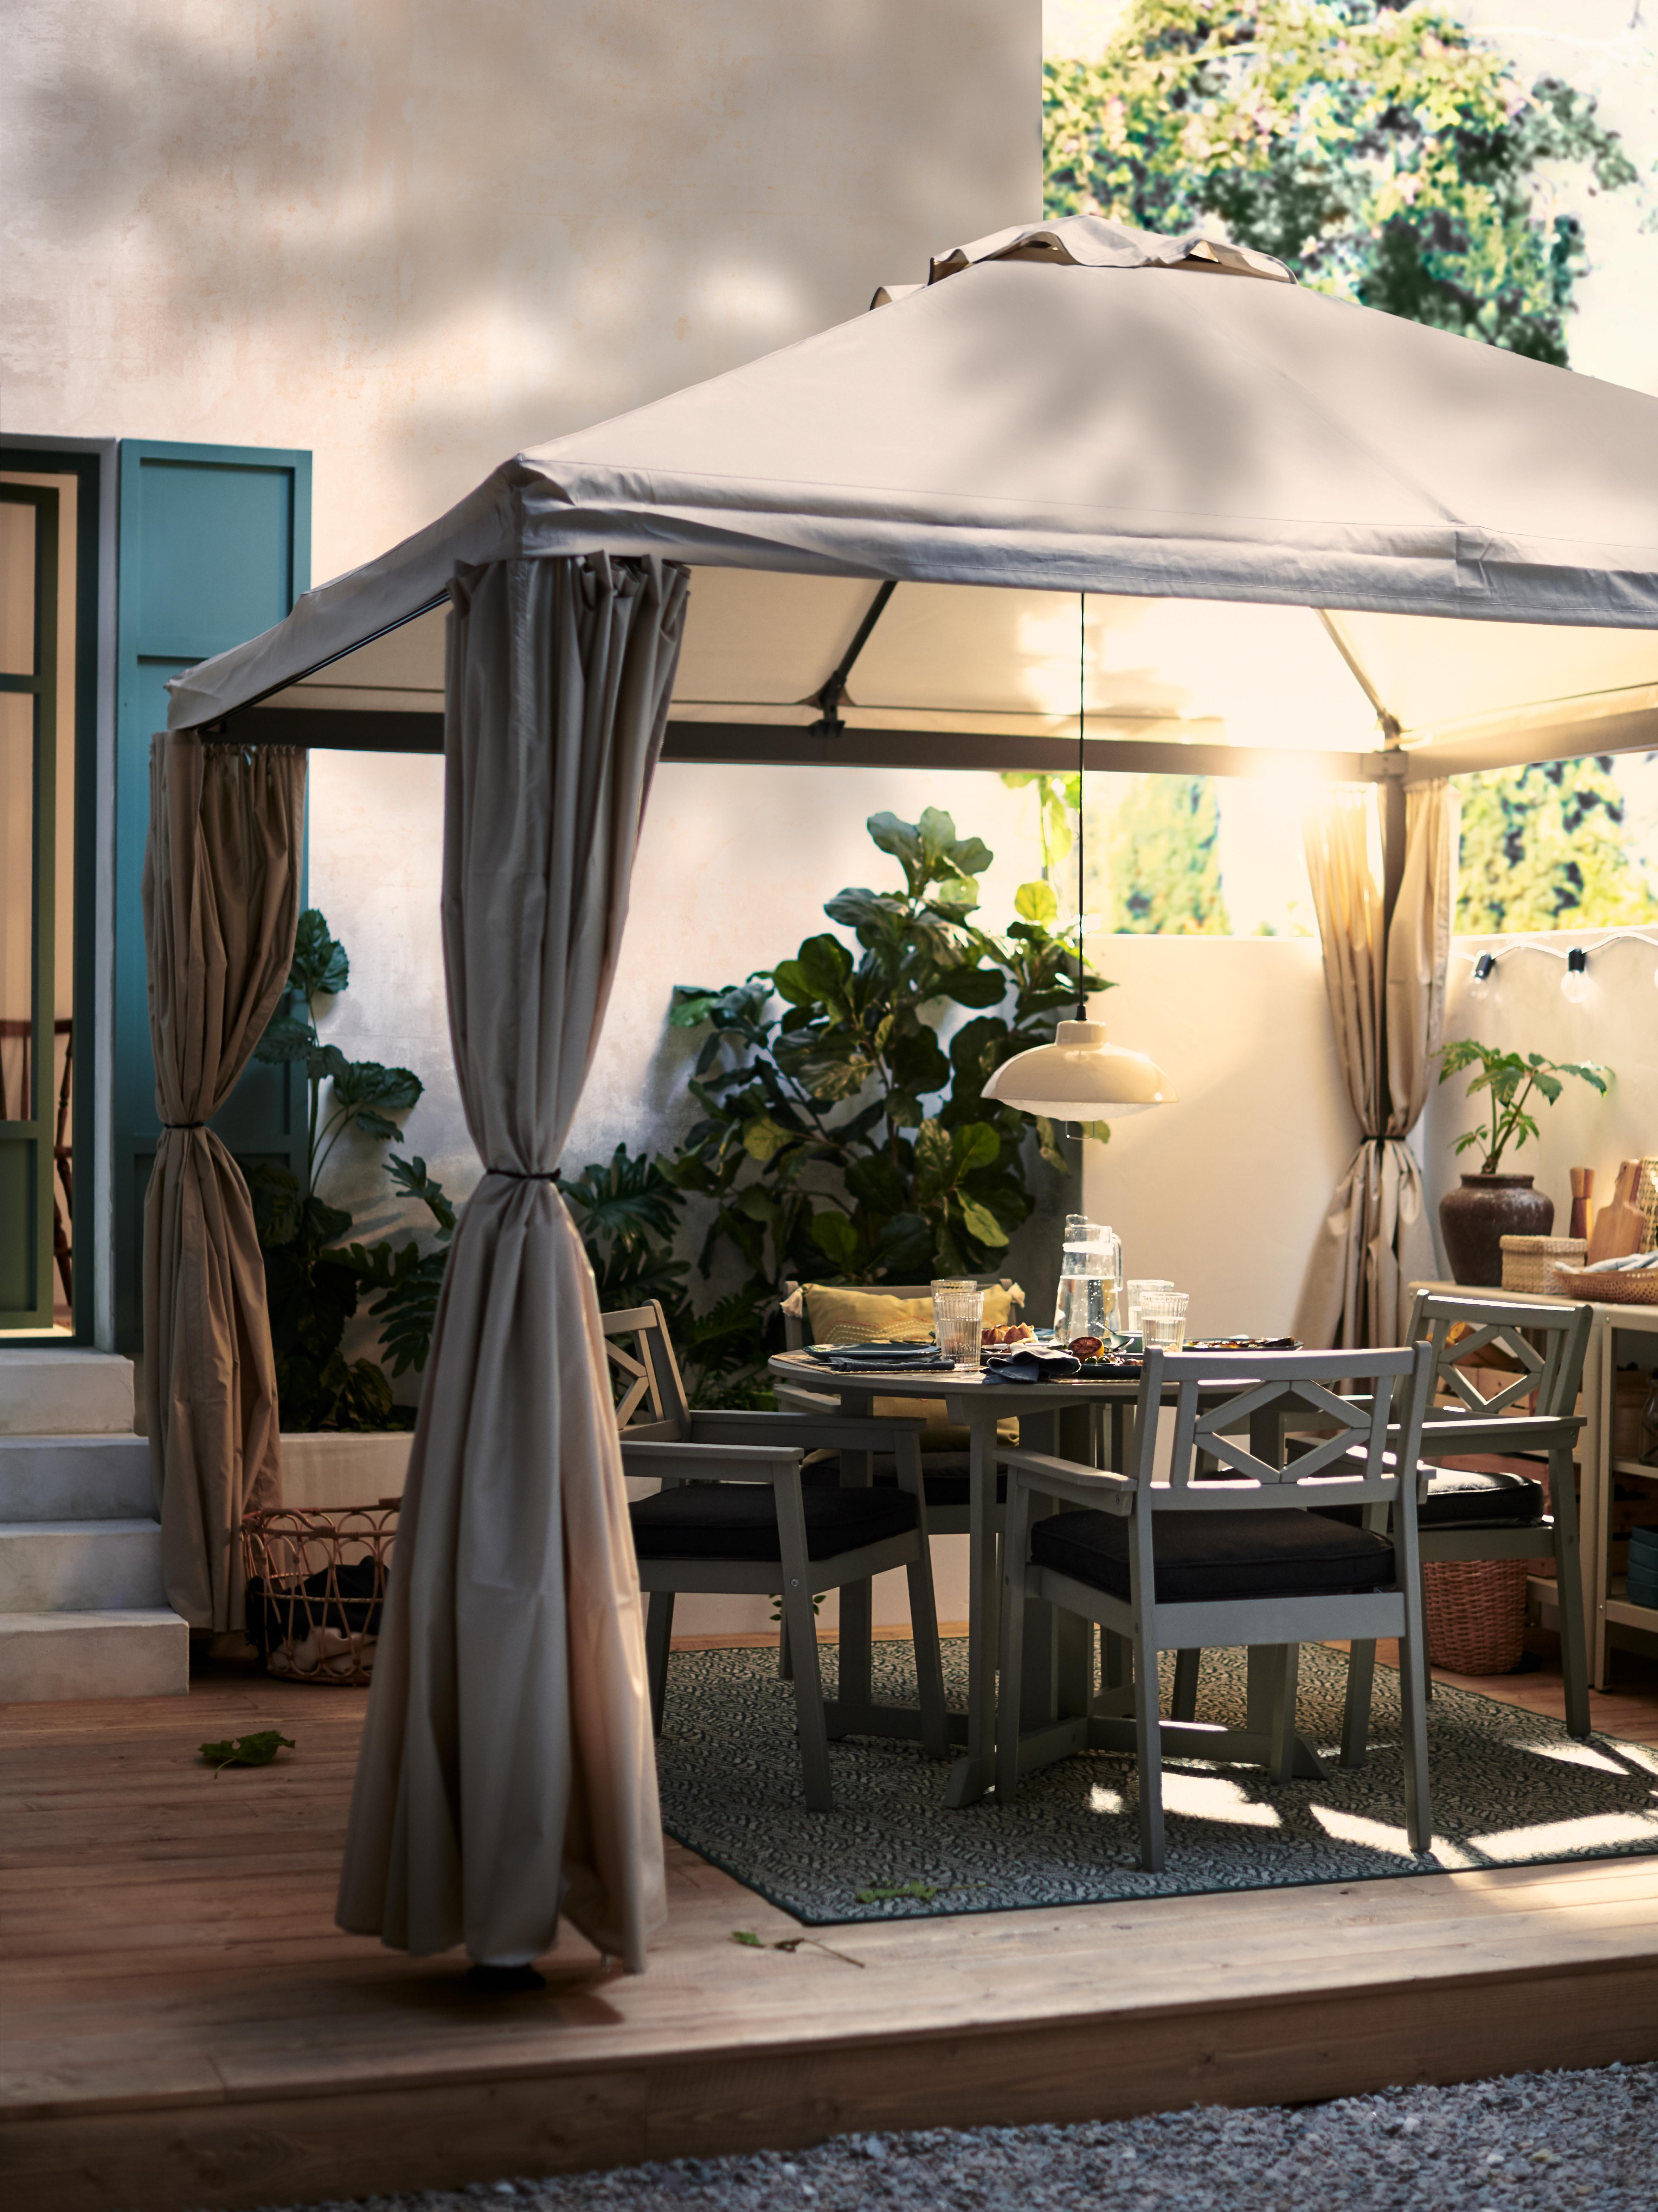 Sivi BONDHOLMEN baštenski trpezarijski sto i stolice, za četiri osobe i uživanje u večeri u dvorištu ispod senice.